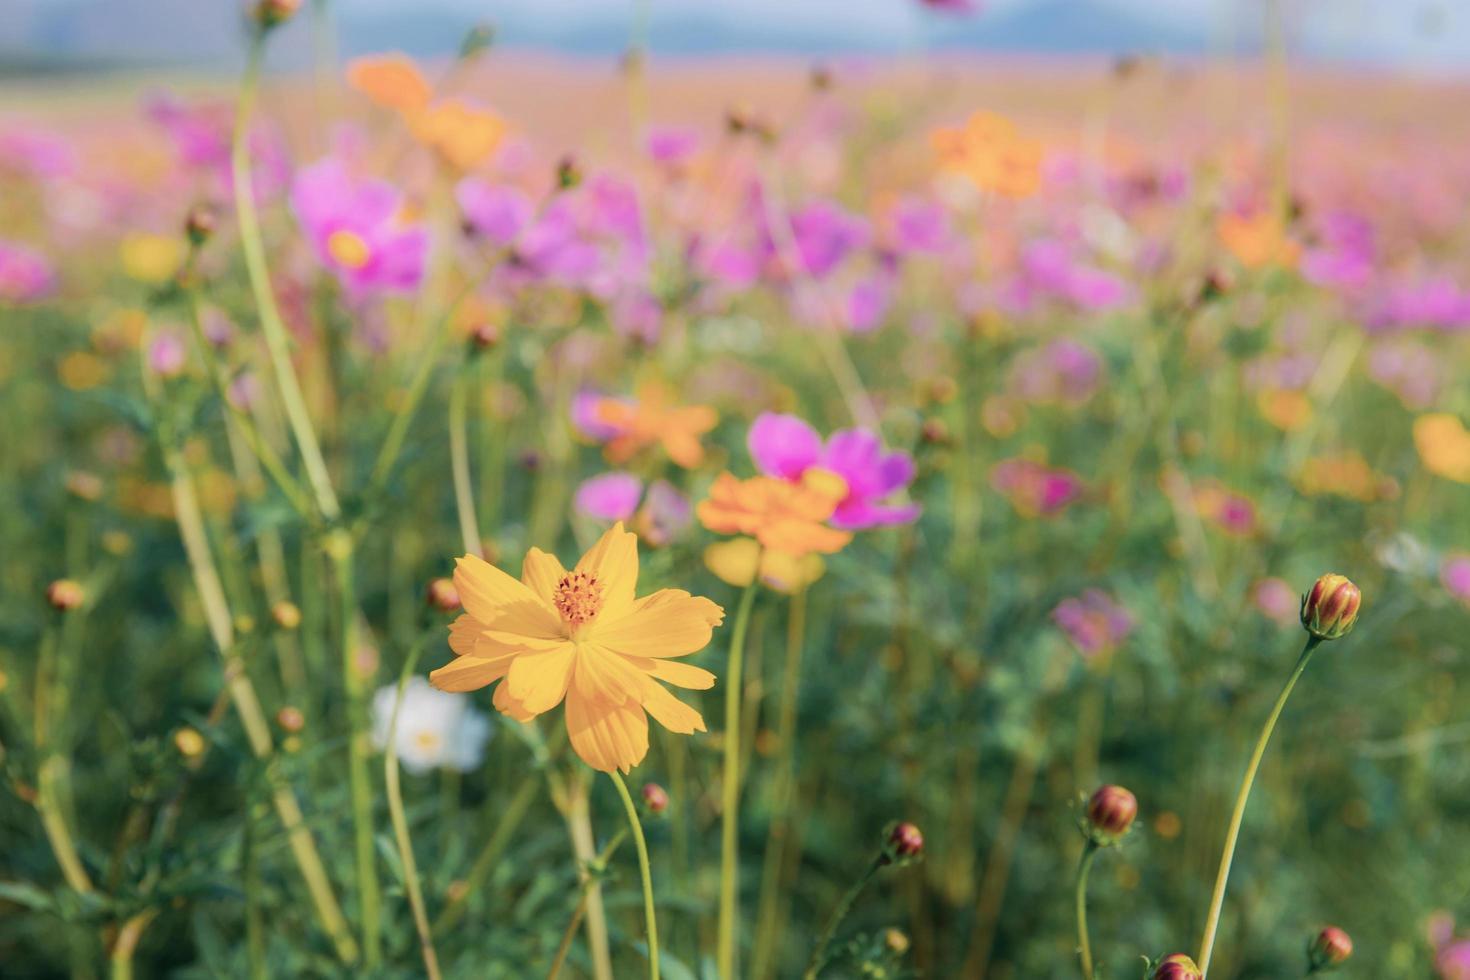 kosmos blomma och färgglada fält foto